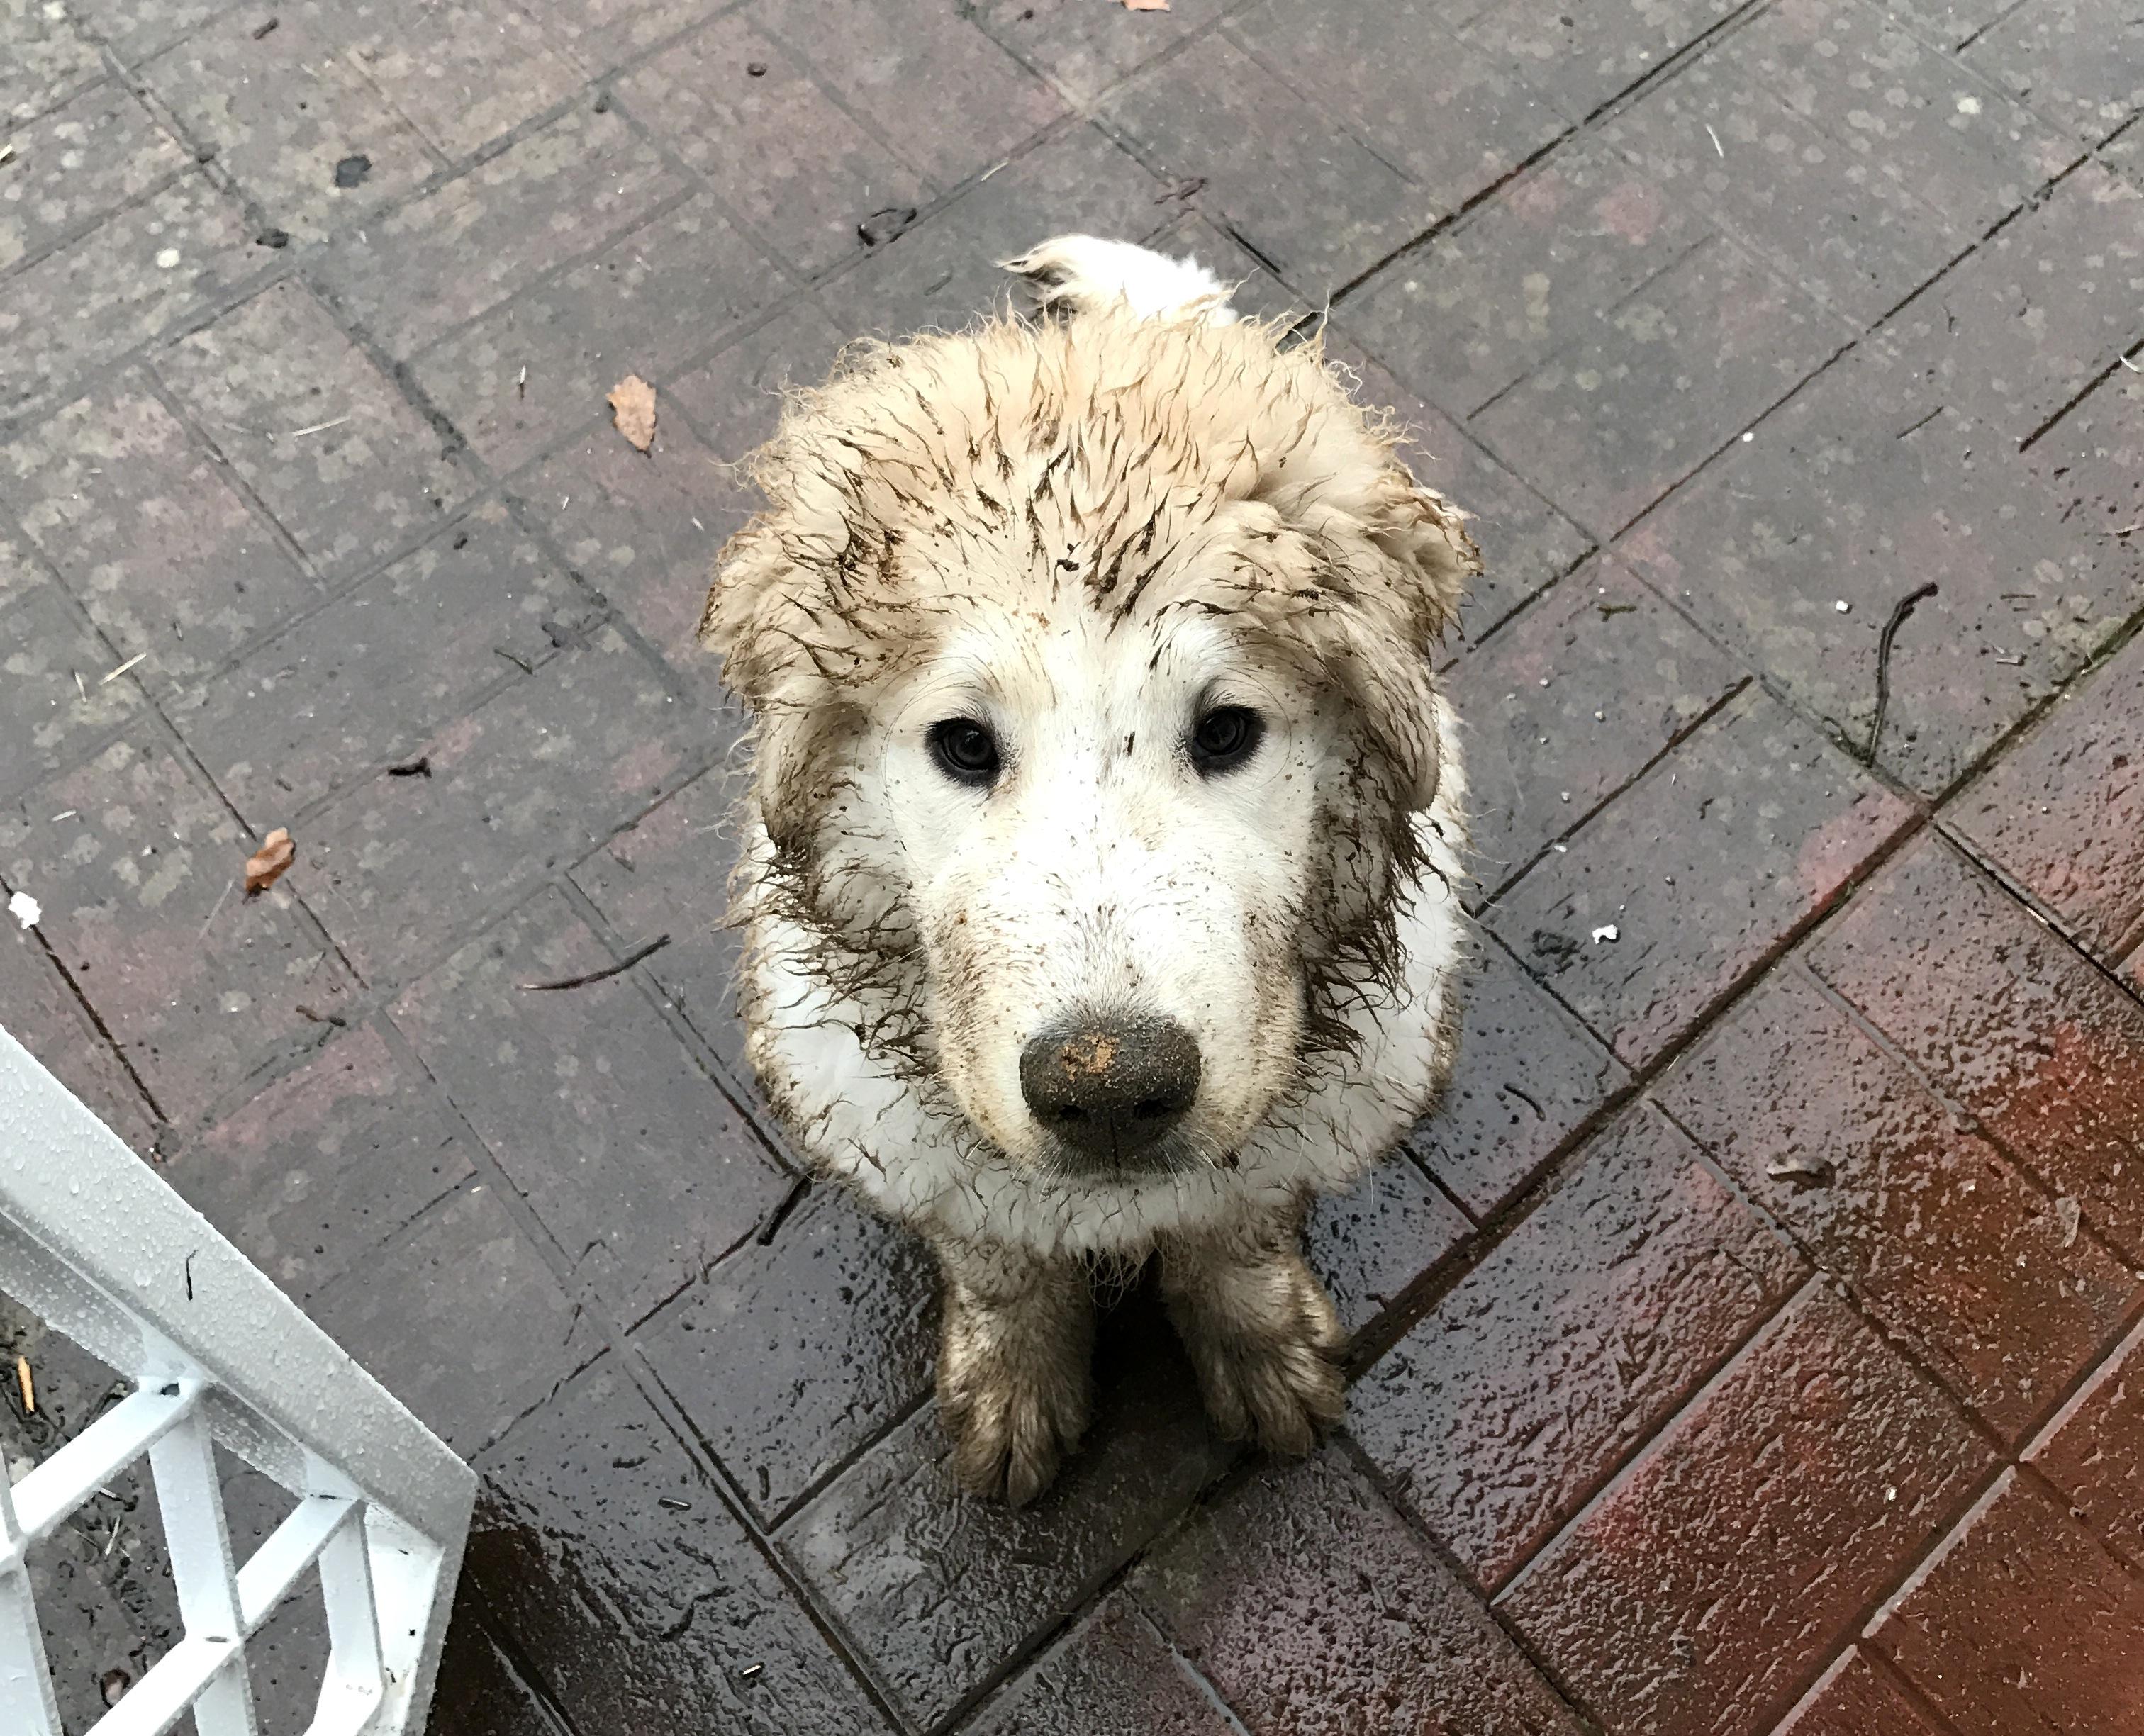 Hund nach dem Toben im Dreck